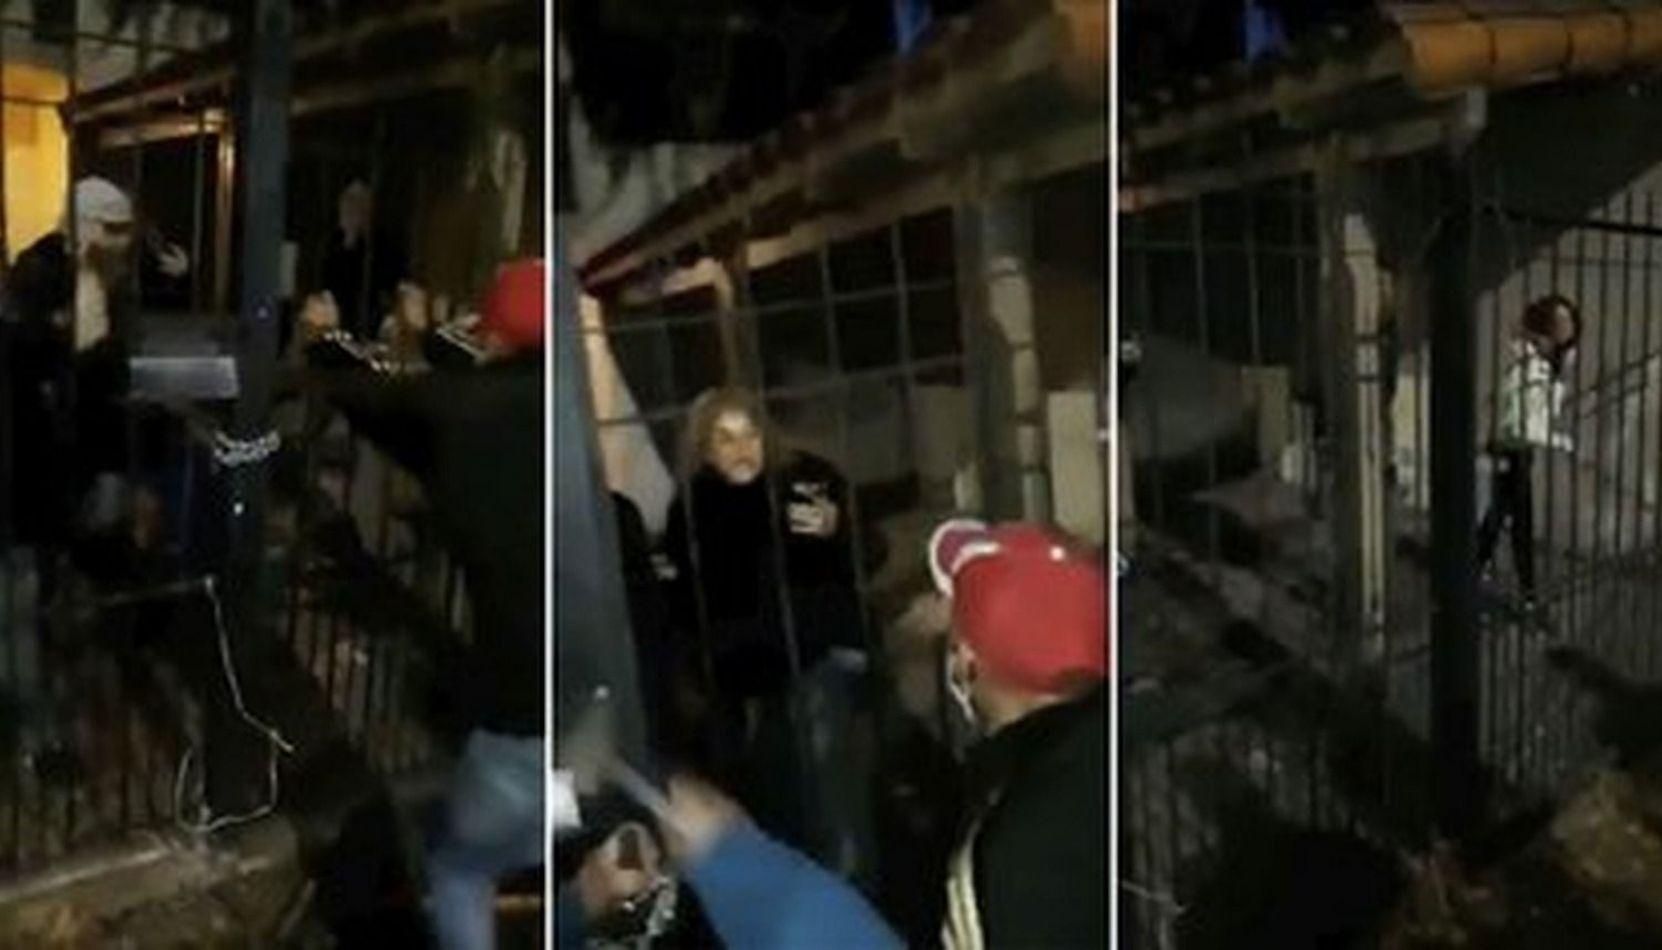 VIDEO Usurparon una casa y atacaron a los que quisieron impedirlo con una motosierra